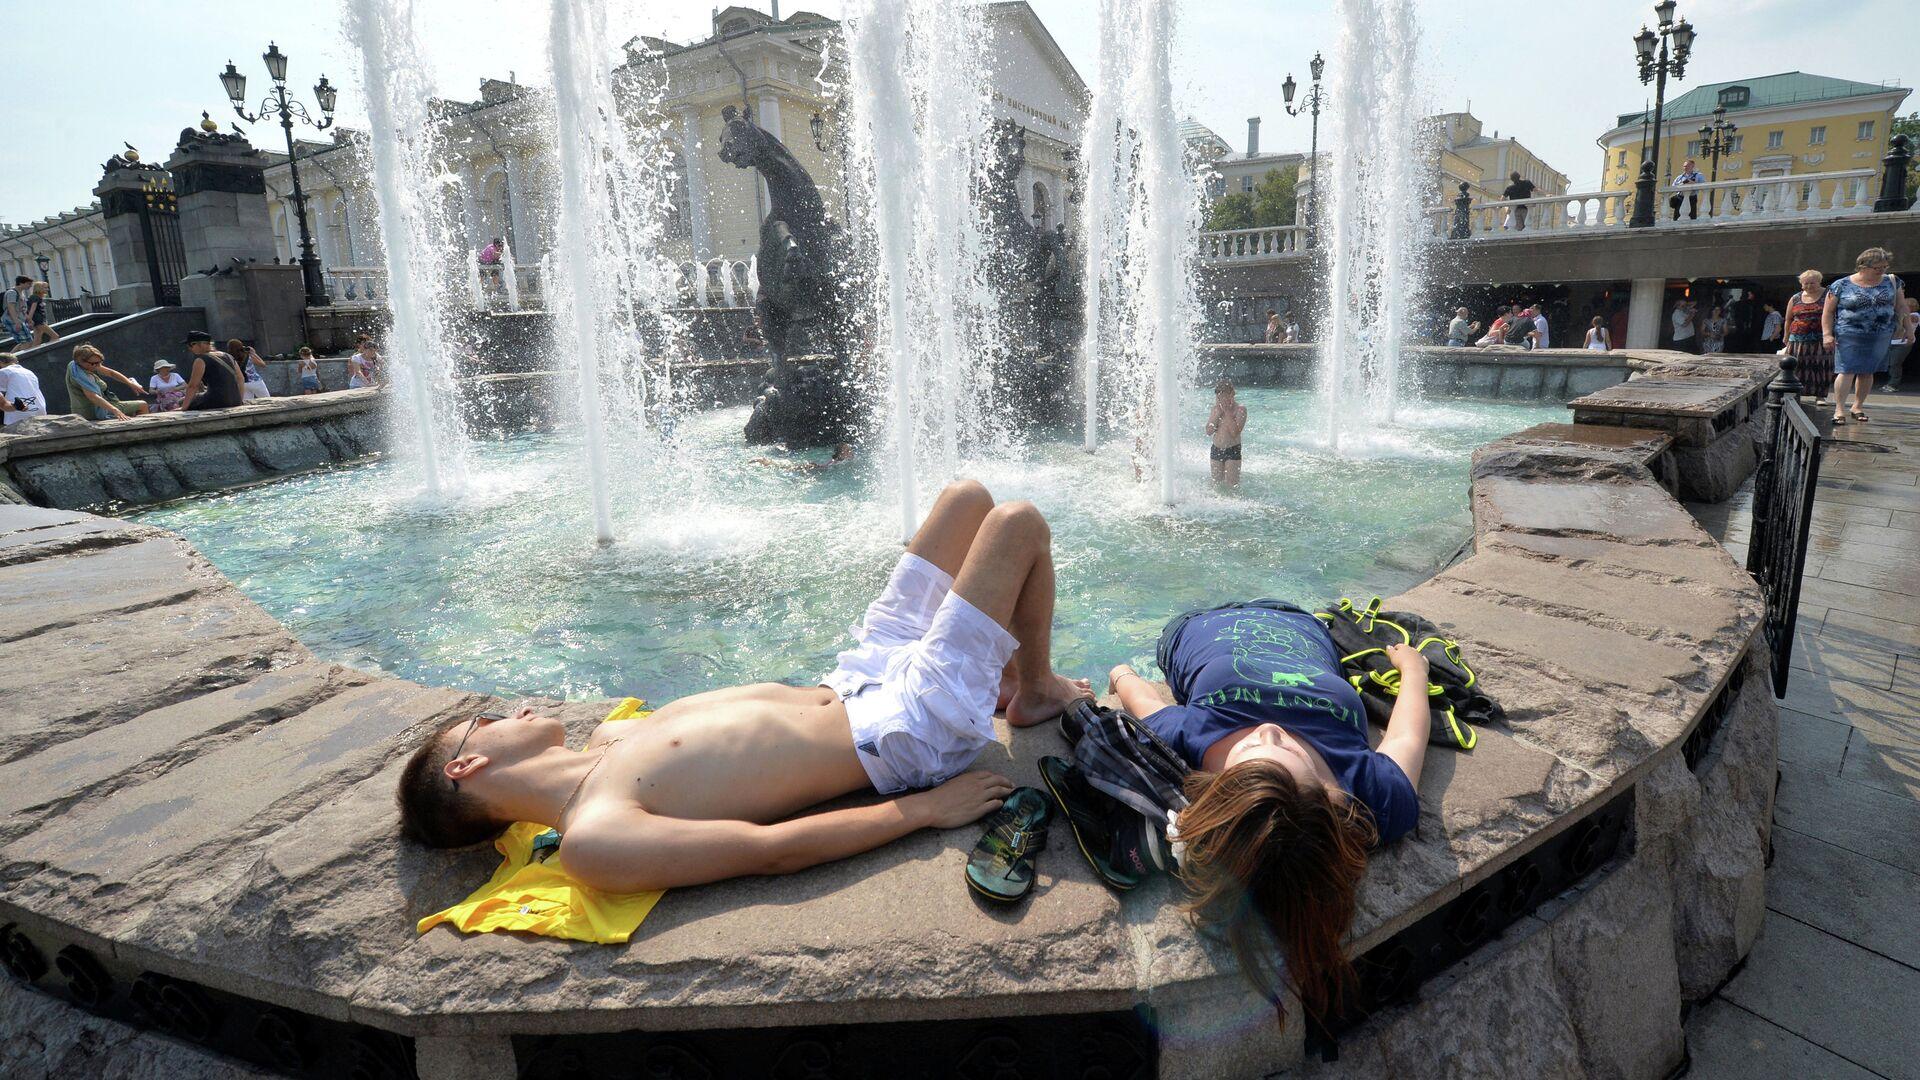 Горожане отдыхают на Манежной площади в Москве - РИА Новости, 1920, 04.08.2021